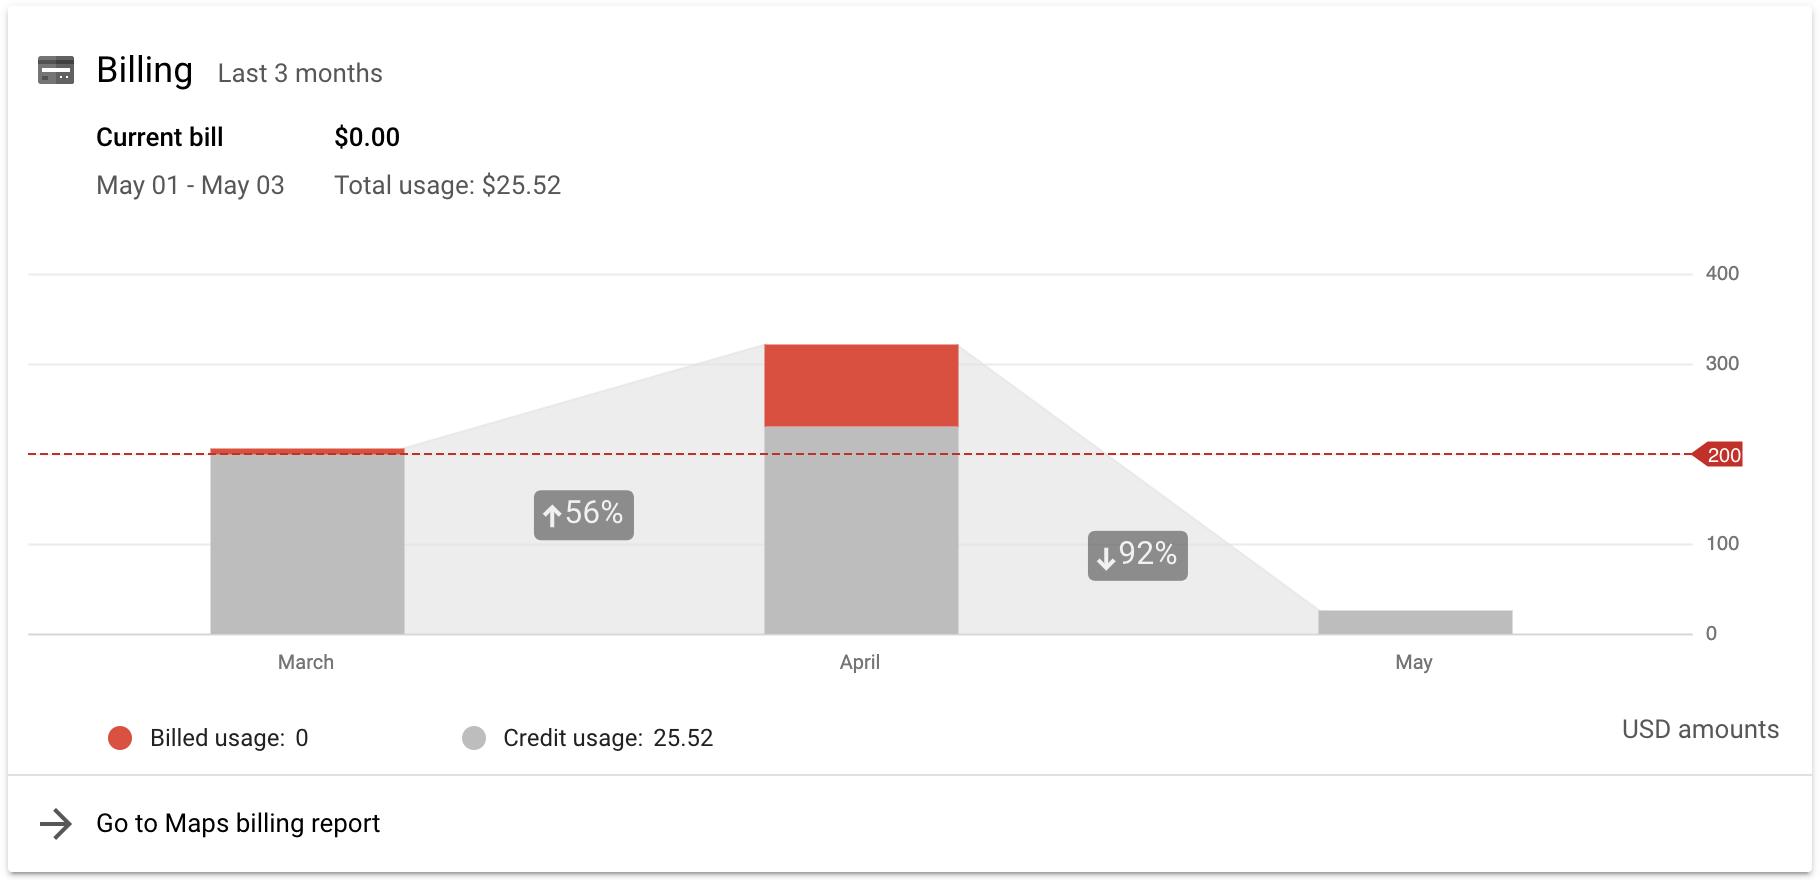 Ежемесячный кредит на использование платформы Google Карт